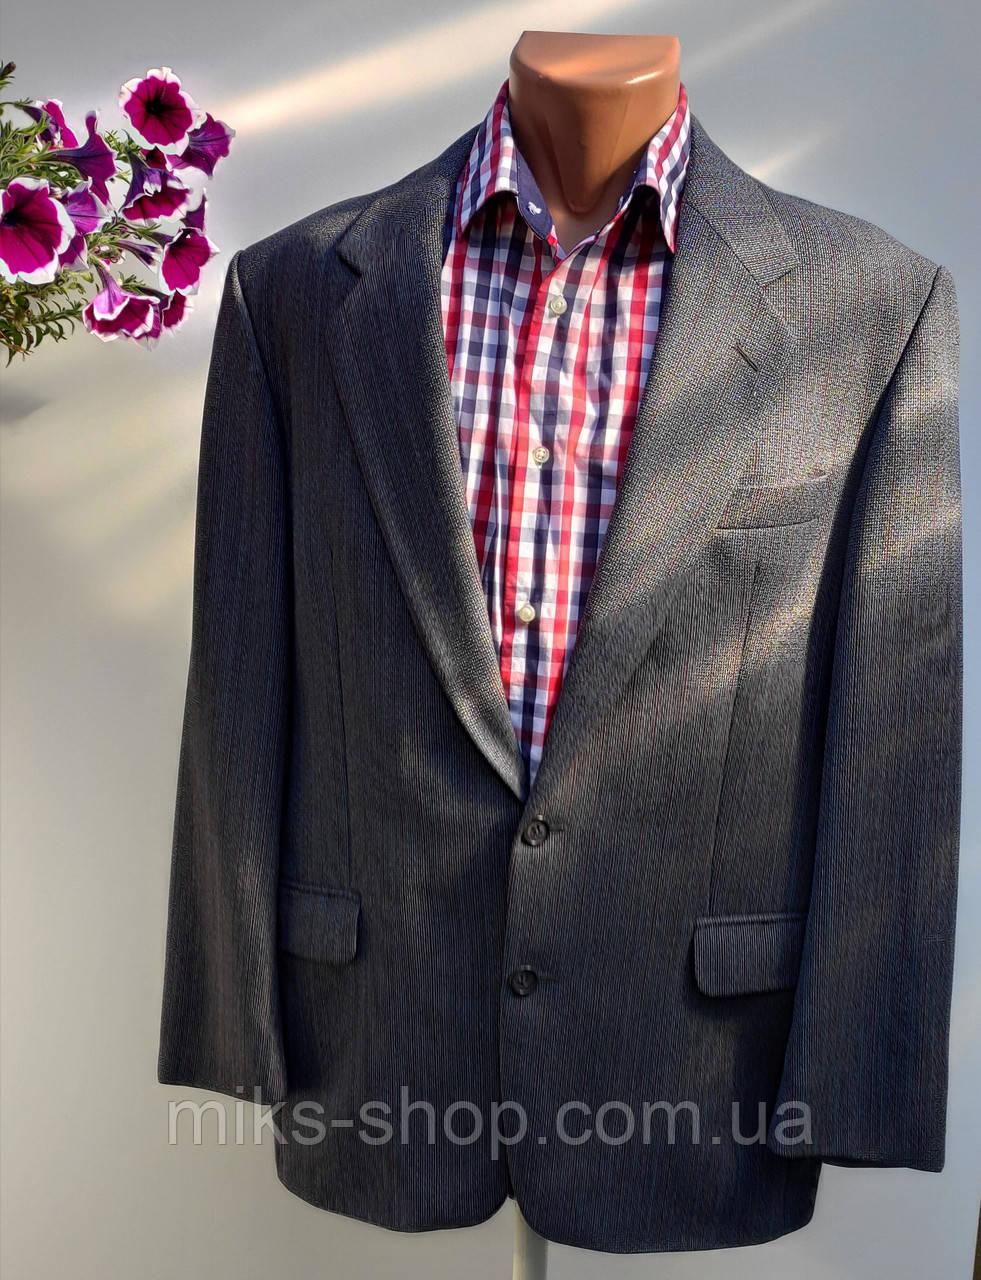 Чоловічий костюм Розмір 50 ( С-17)